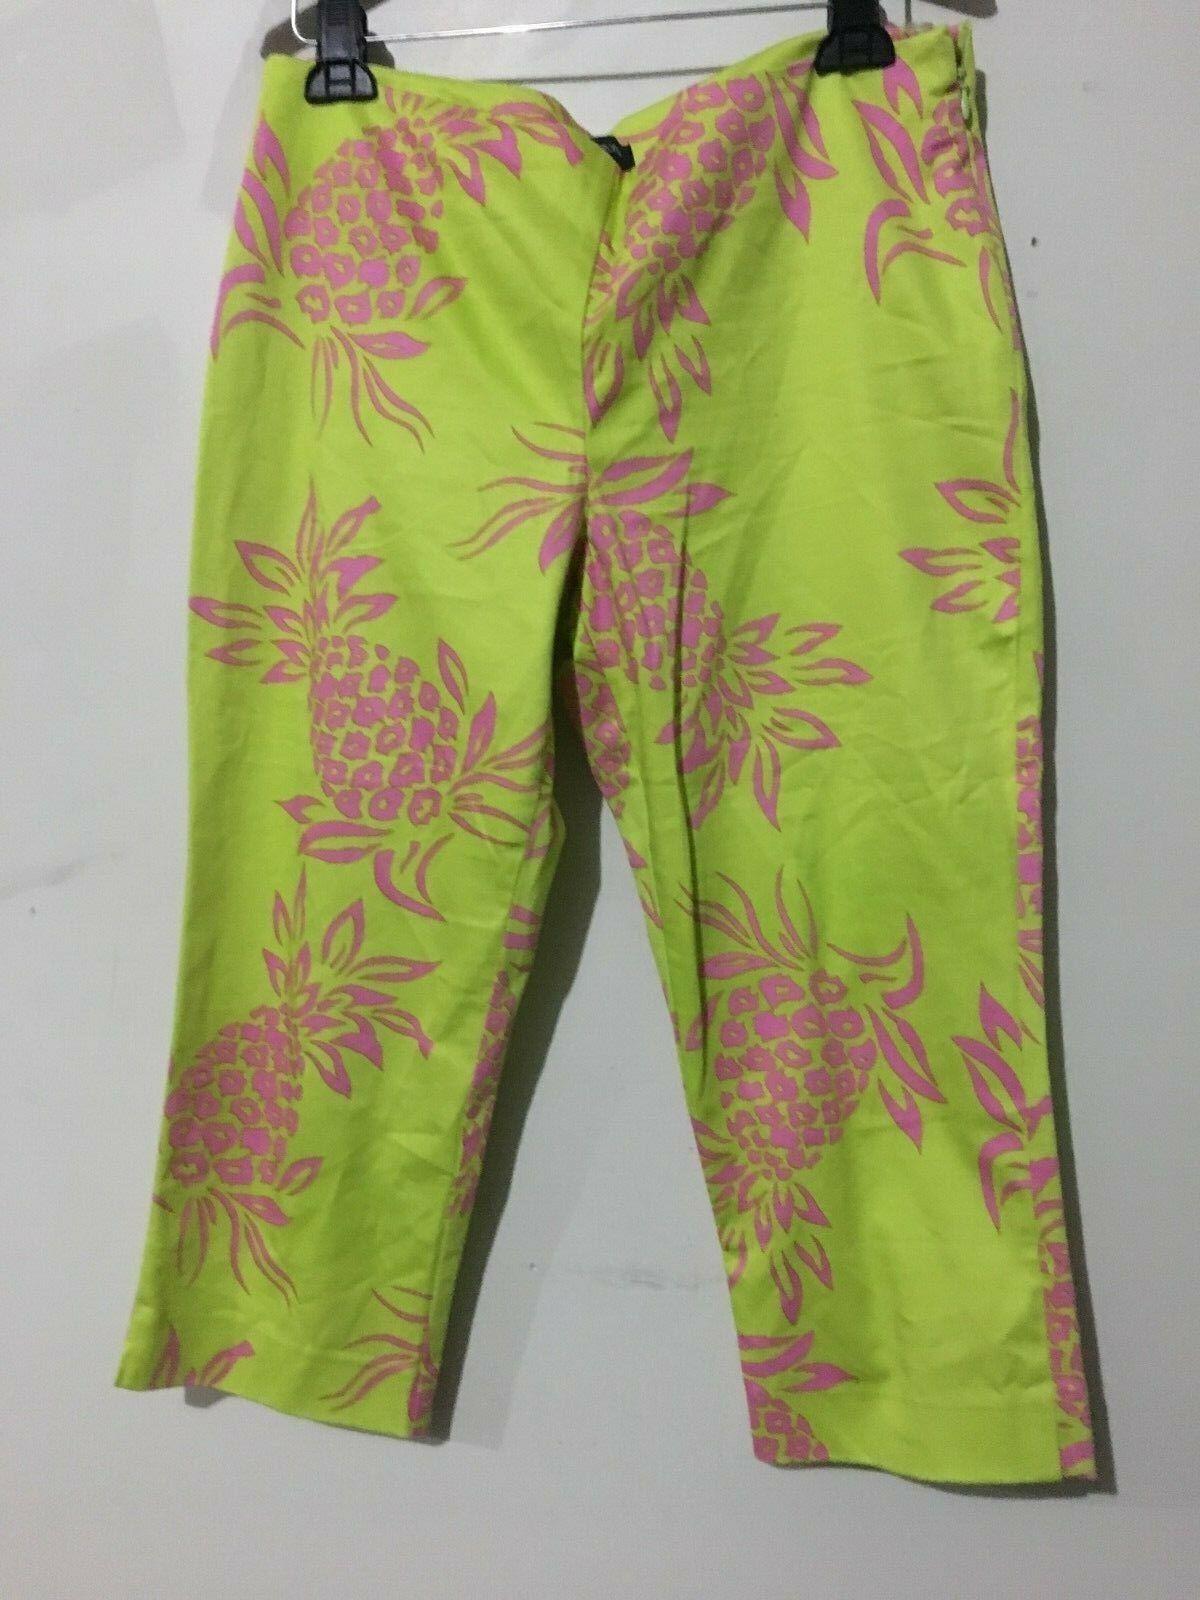 Boston Proper Cotton Blend Lemon Pink Floral 3 4 Pant Women Size 12 RN